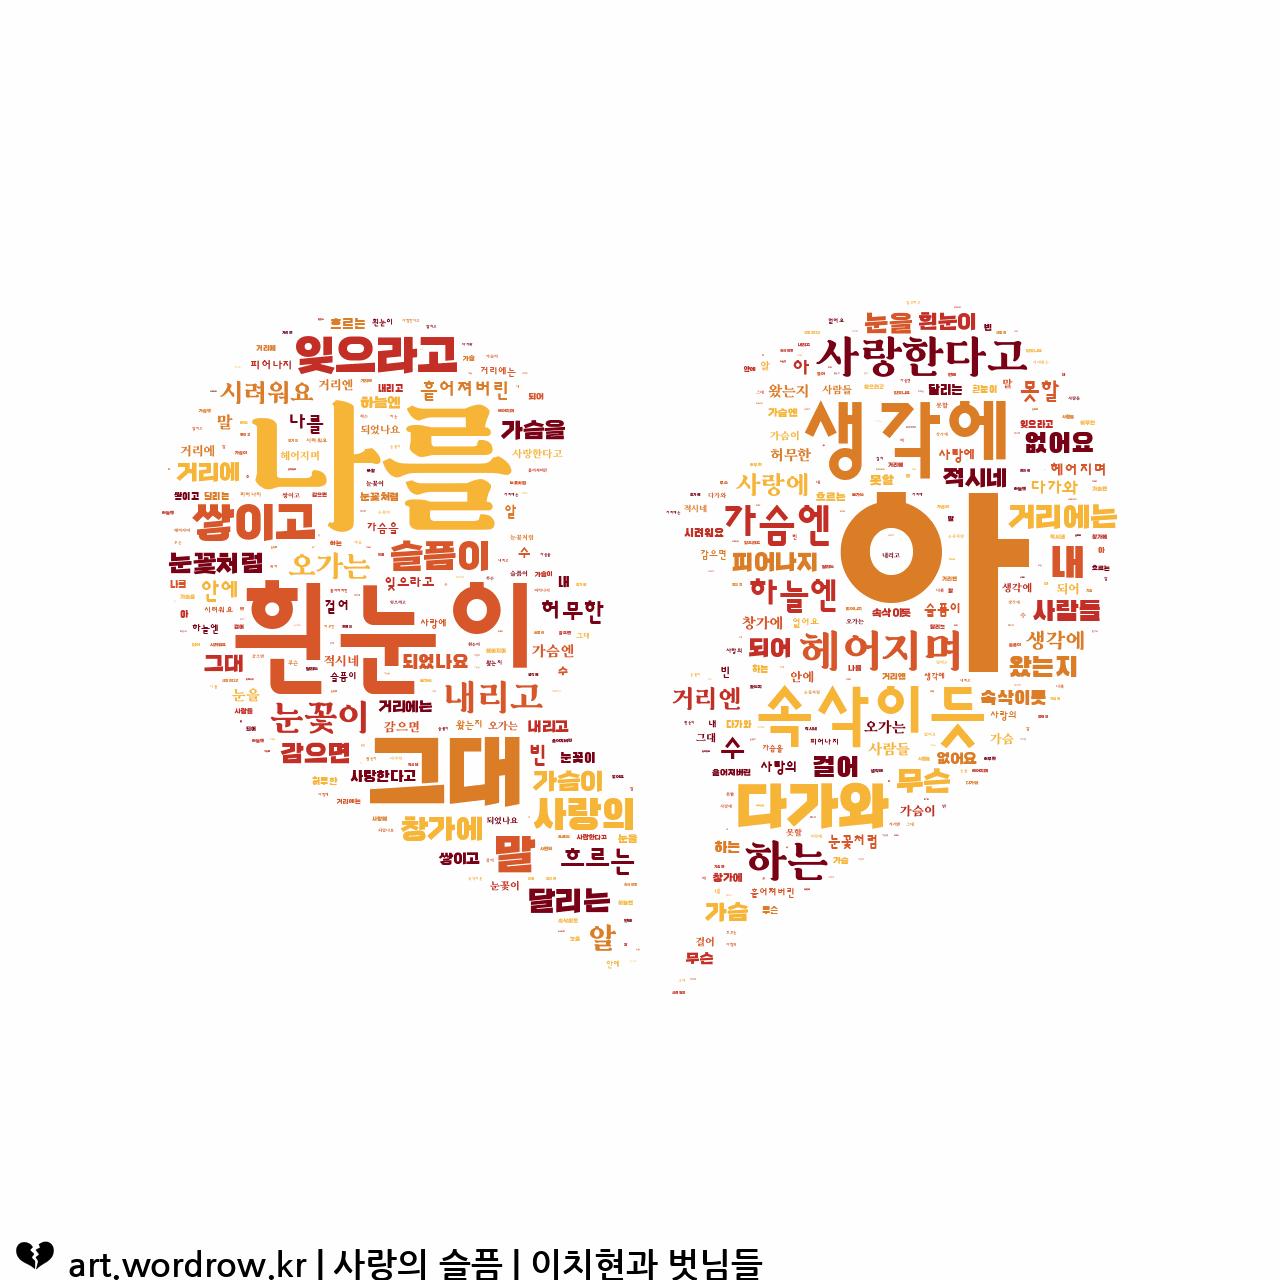 워드 클라우드: 사랑의 슬픔 [이치현과 벗님들]-16